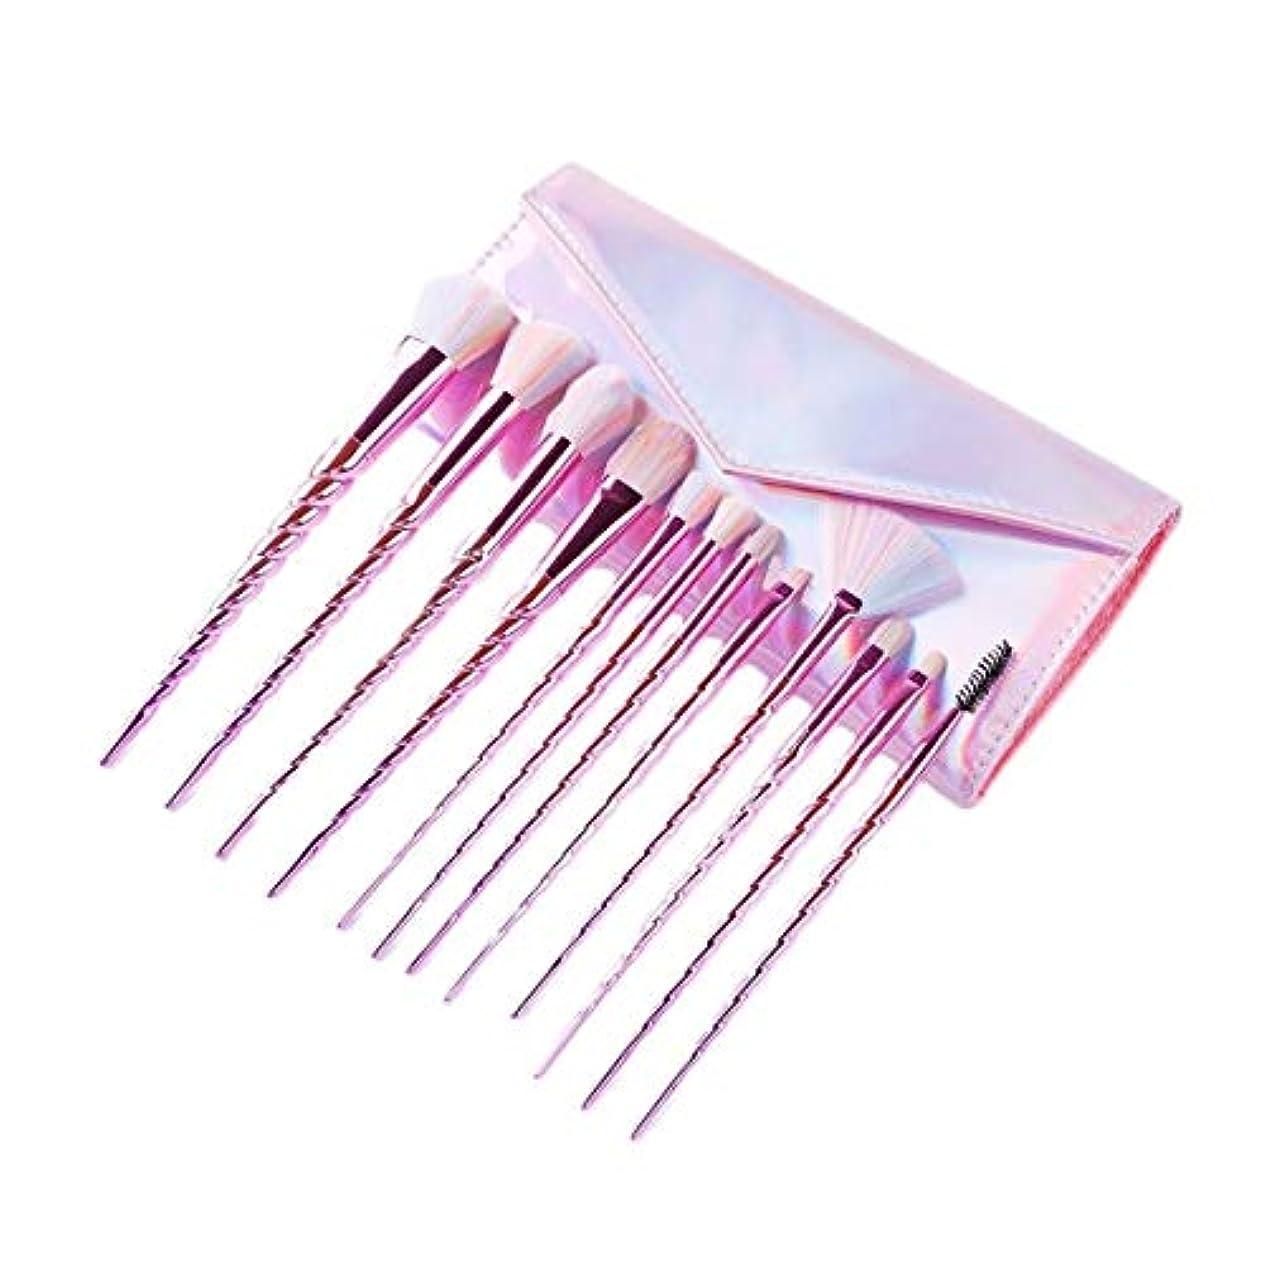 神社例示する贈り物XIAOCHAOSD メイクブラシセット初心者のアイシャドウブラシ美容ブラシツール女性、持ち運びのメイクブラシフルセット (Color : Pink)